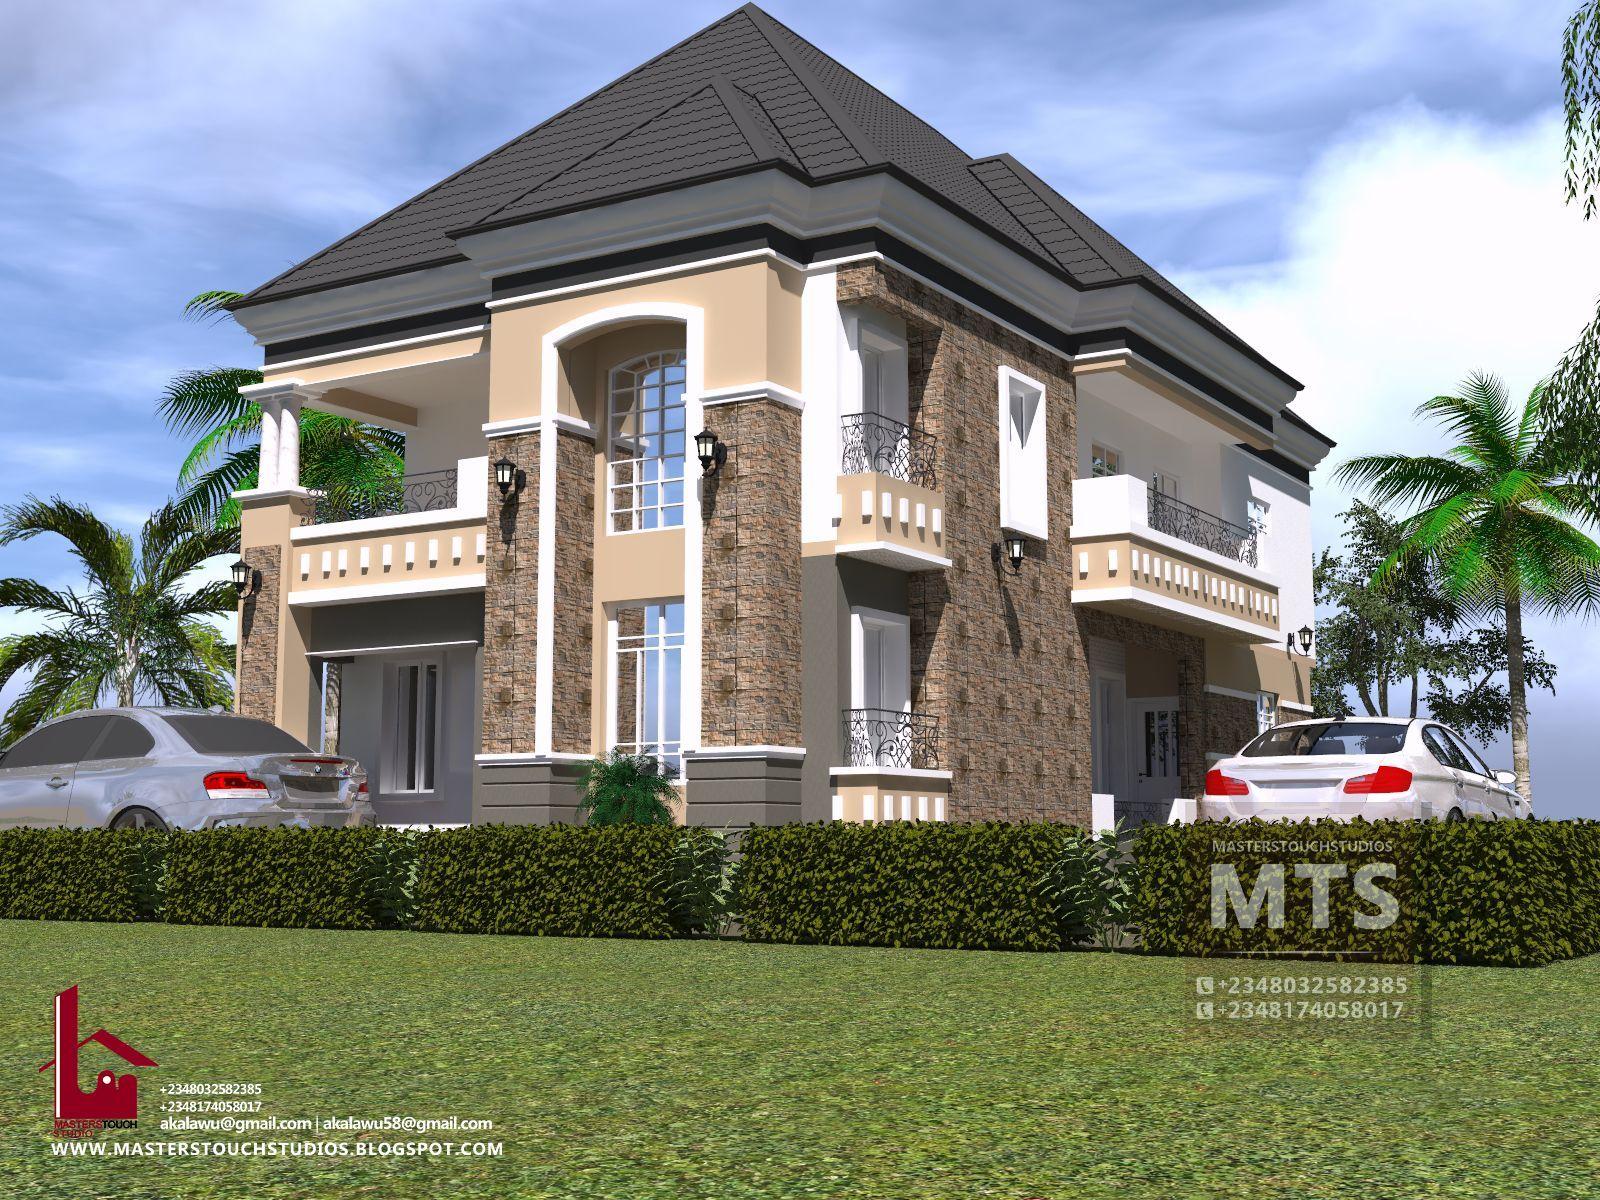 Architecture Interiordesign Duplex Nigeria Floor Plan Home House Architects Masterstouchstudio Duplex Design Duplex Floor Plans Bungalow House Design